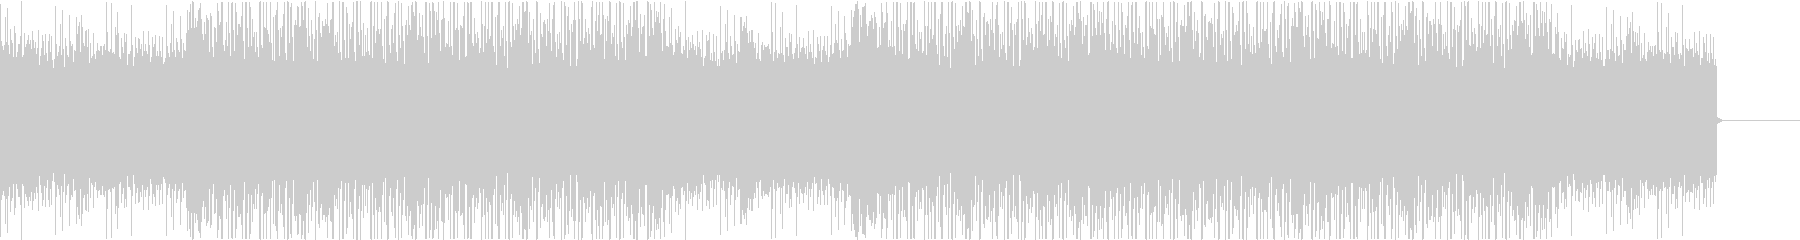 Lofi,ローファイヒップホップ5の未再生の波形